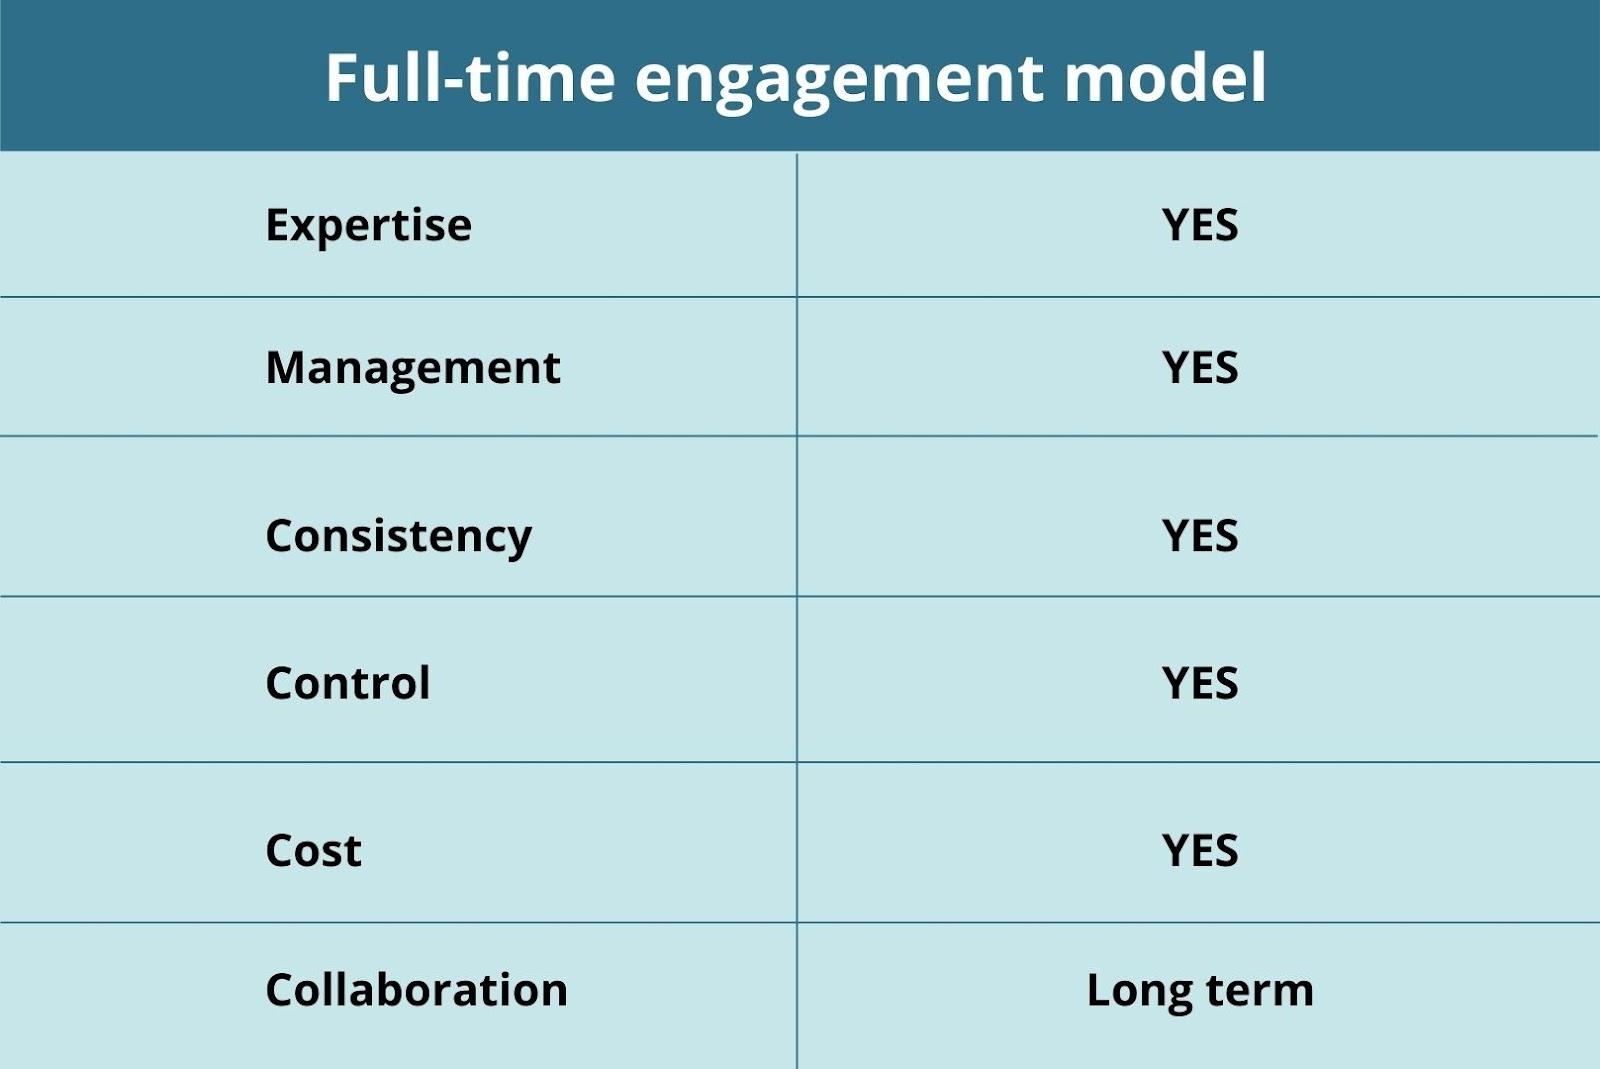 Full-time engagement model